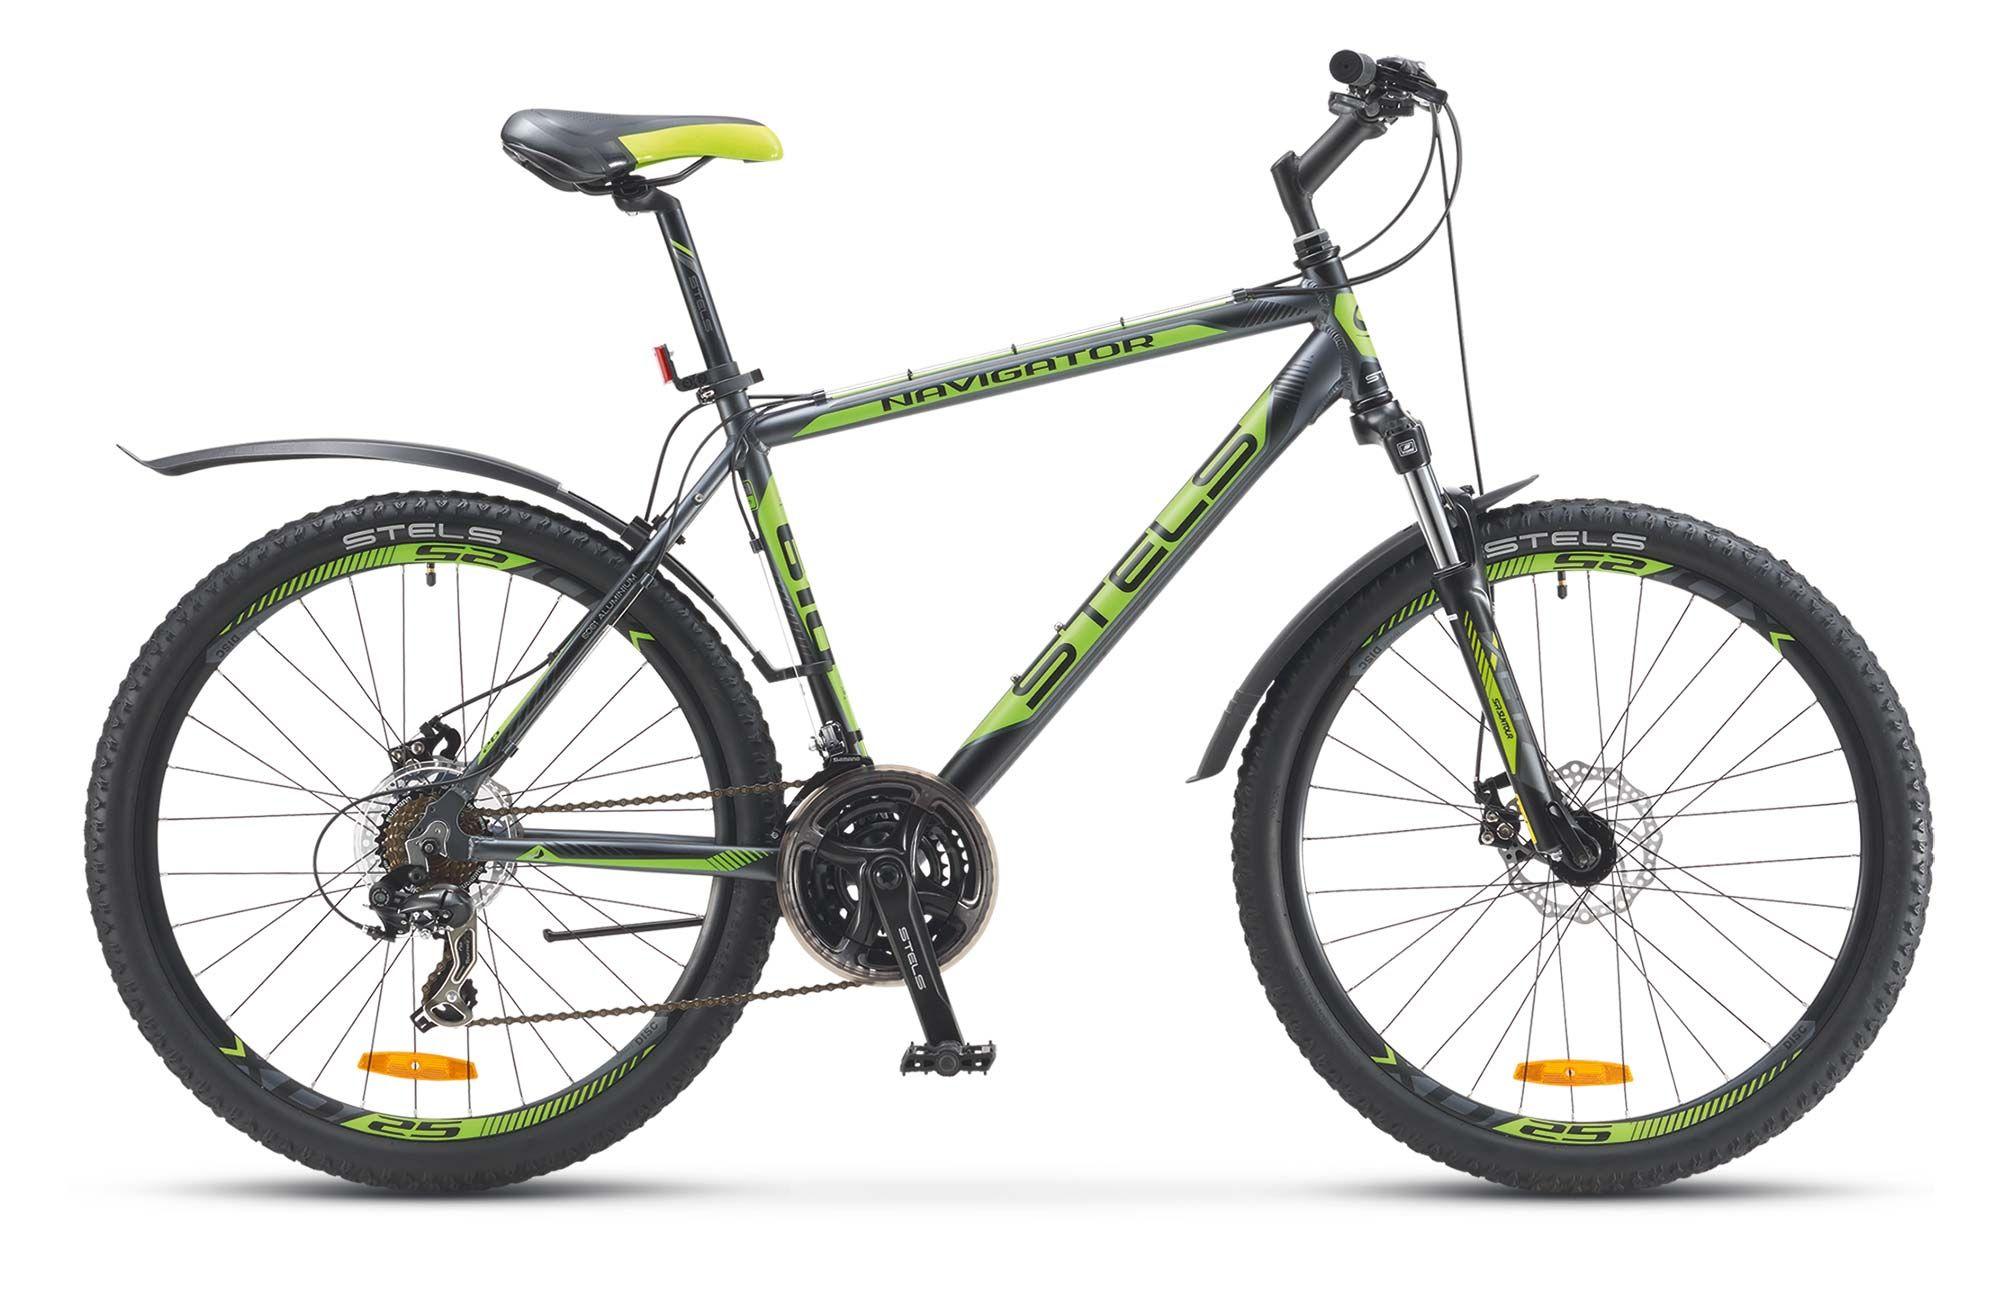 Велосипед StelsГорные<br>Stels Navigator 610 MD подойдет как для спортивной езды и тренировок по пересеченной местности и кросс-кантрийным трассам, так и для неторопливых покатушек по городским велодорожкам. Благодаря универсальной геометрии и дизайну Stels Navigator 610 MD отлично подойдет и девушкам и мужчинам. Алюминиевая рама помогла добиться небольшого веса и отличной прочности. Амортизационная вилка SR Suntour XCT позволит сохранить управление при катании по бездорожью. Навесное оборудование Shimano Tourney поможет подобрать нужную передачу.<br>